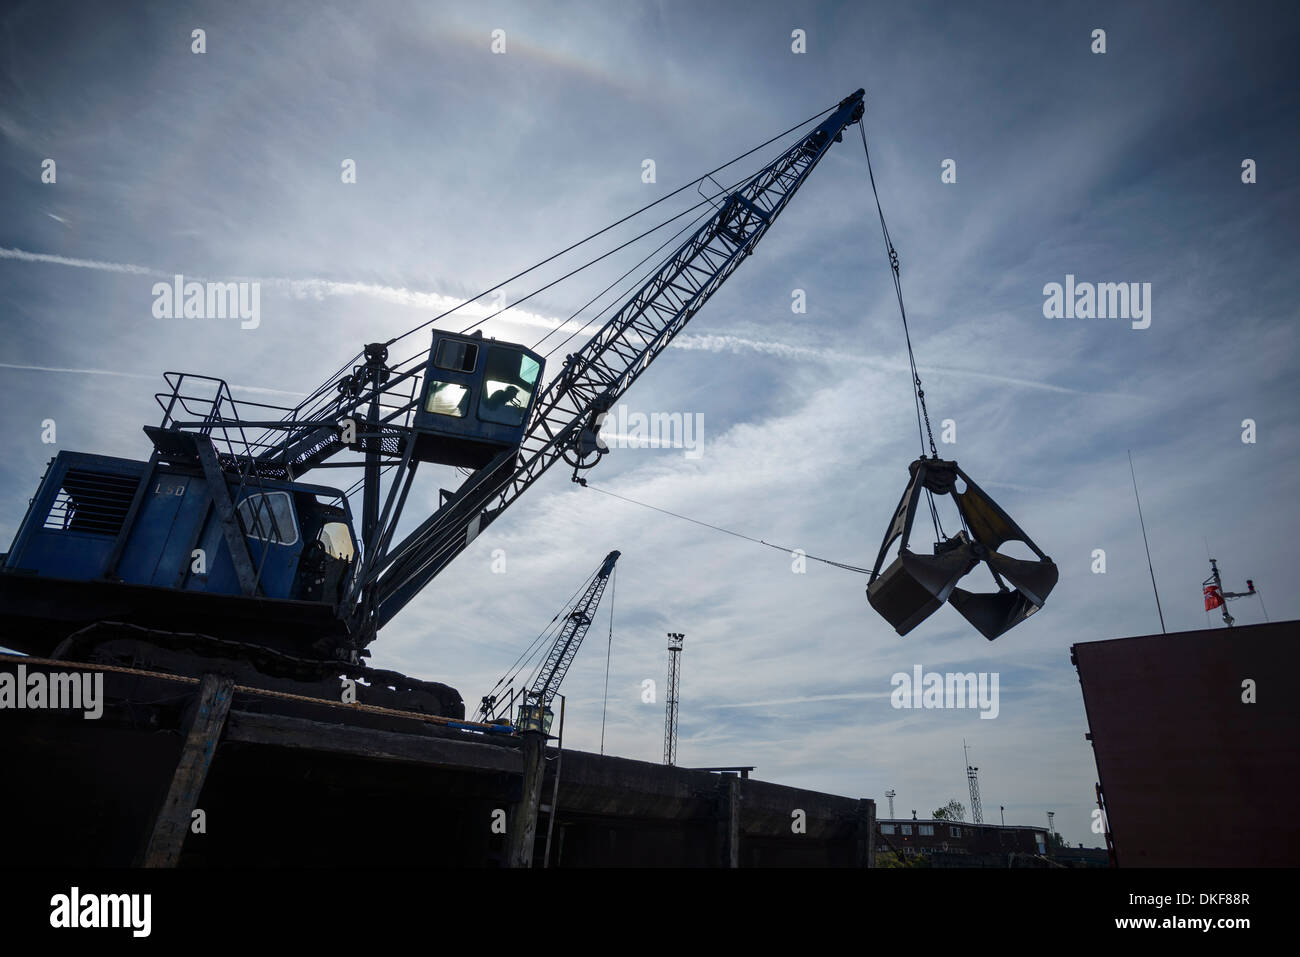 Niedrigen Winkel Ansicht des Krans in der Silhouette im Hafen Stockbild